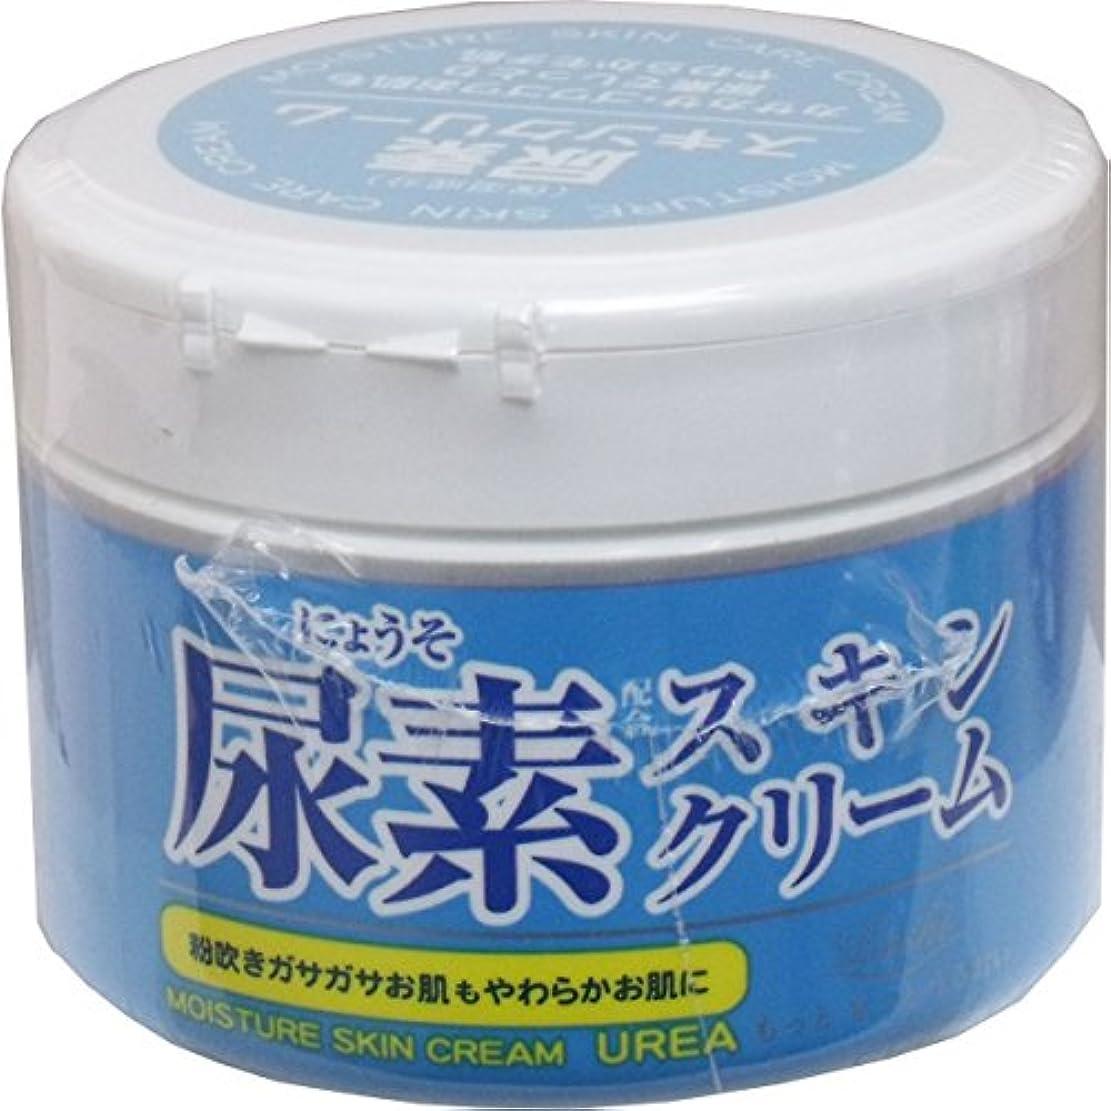 遠え季節パールロッシモイストエイド 尿素スキンクリーム × 6個セット